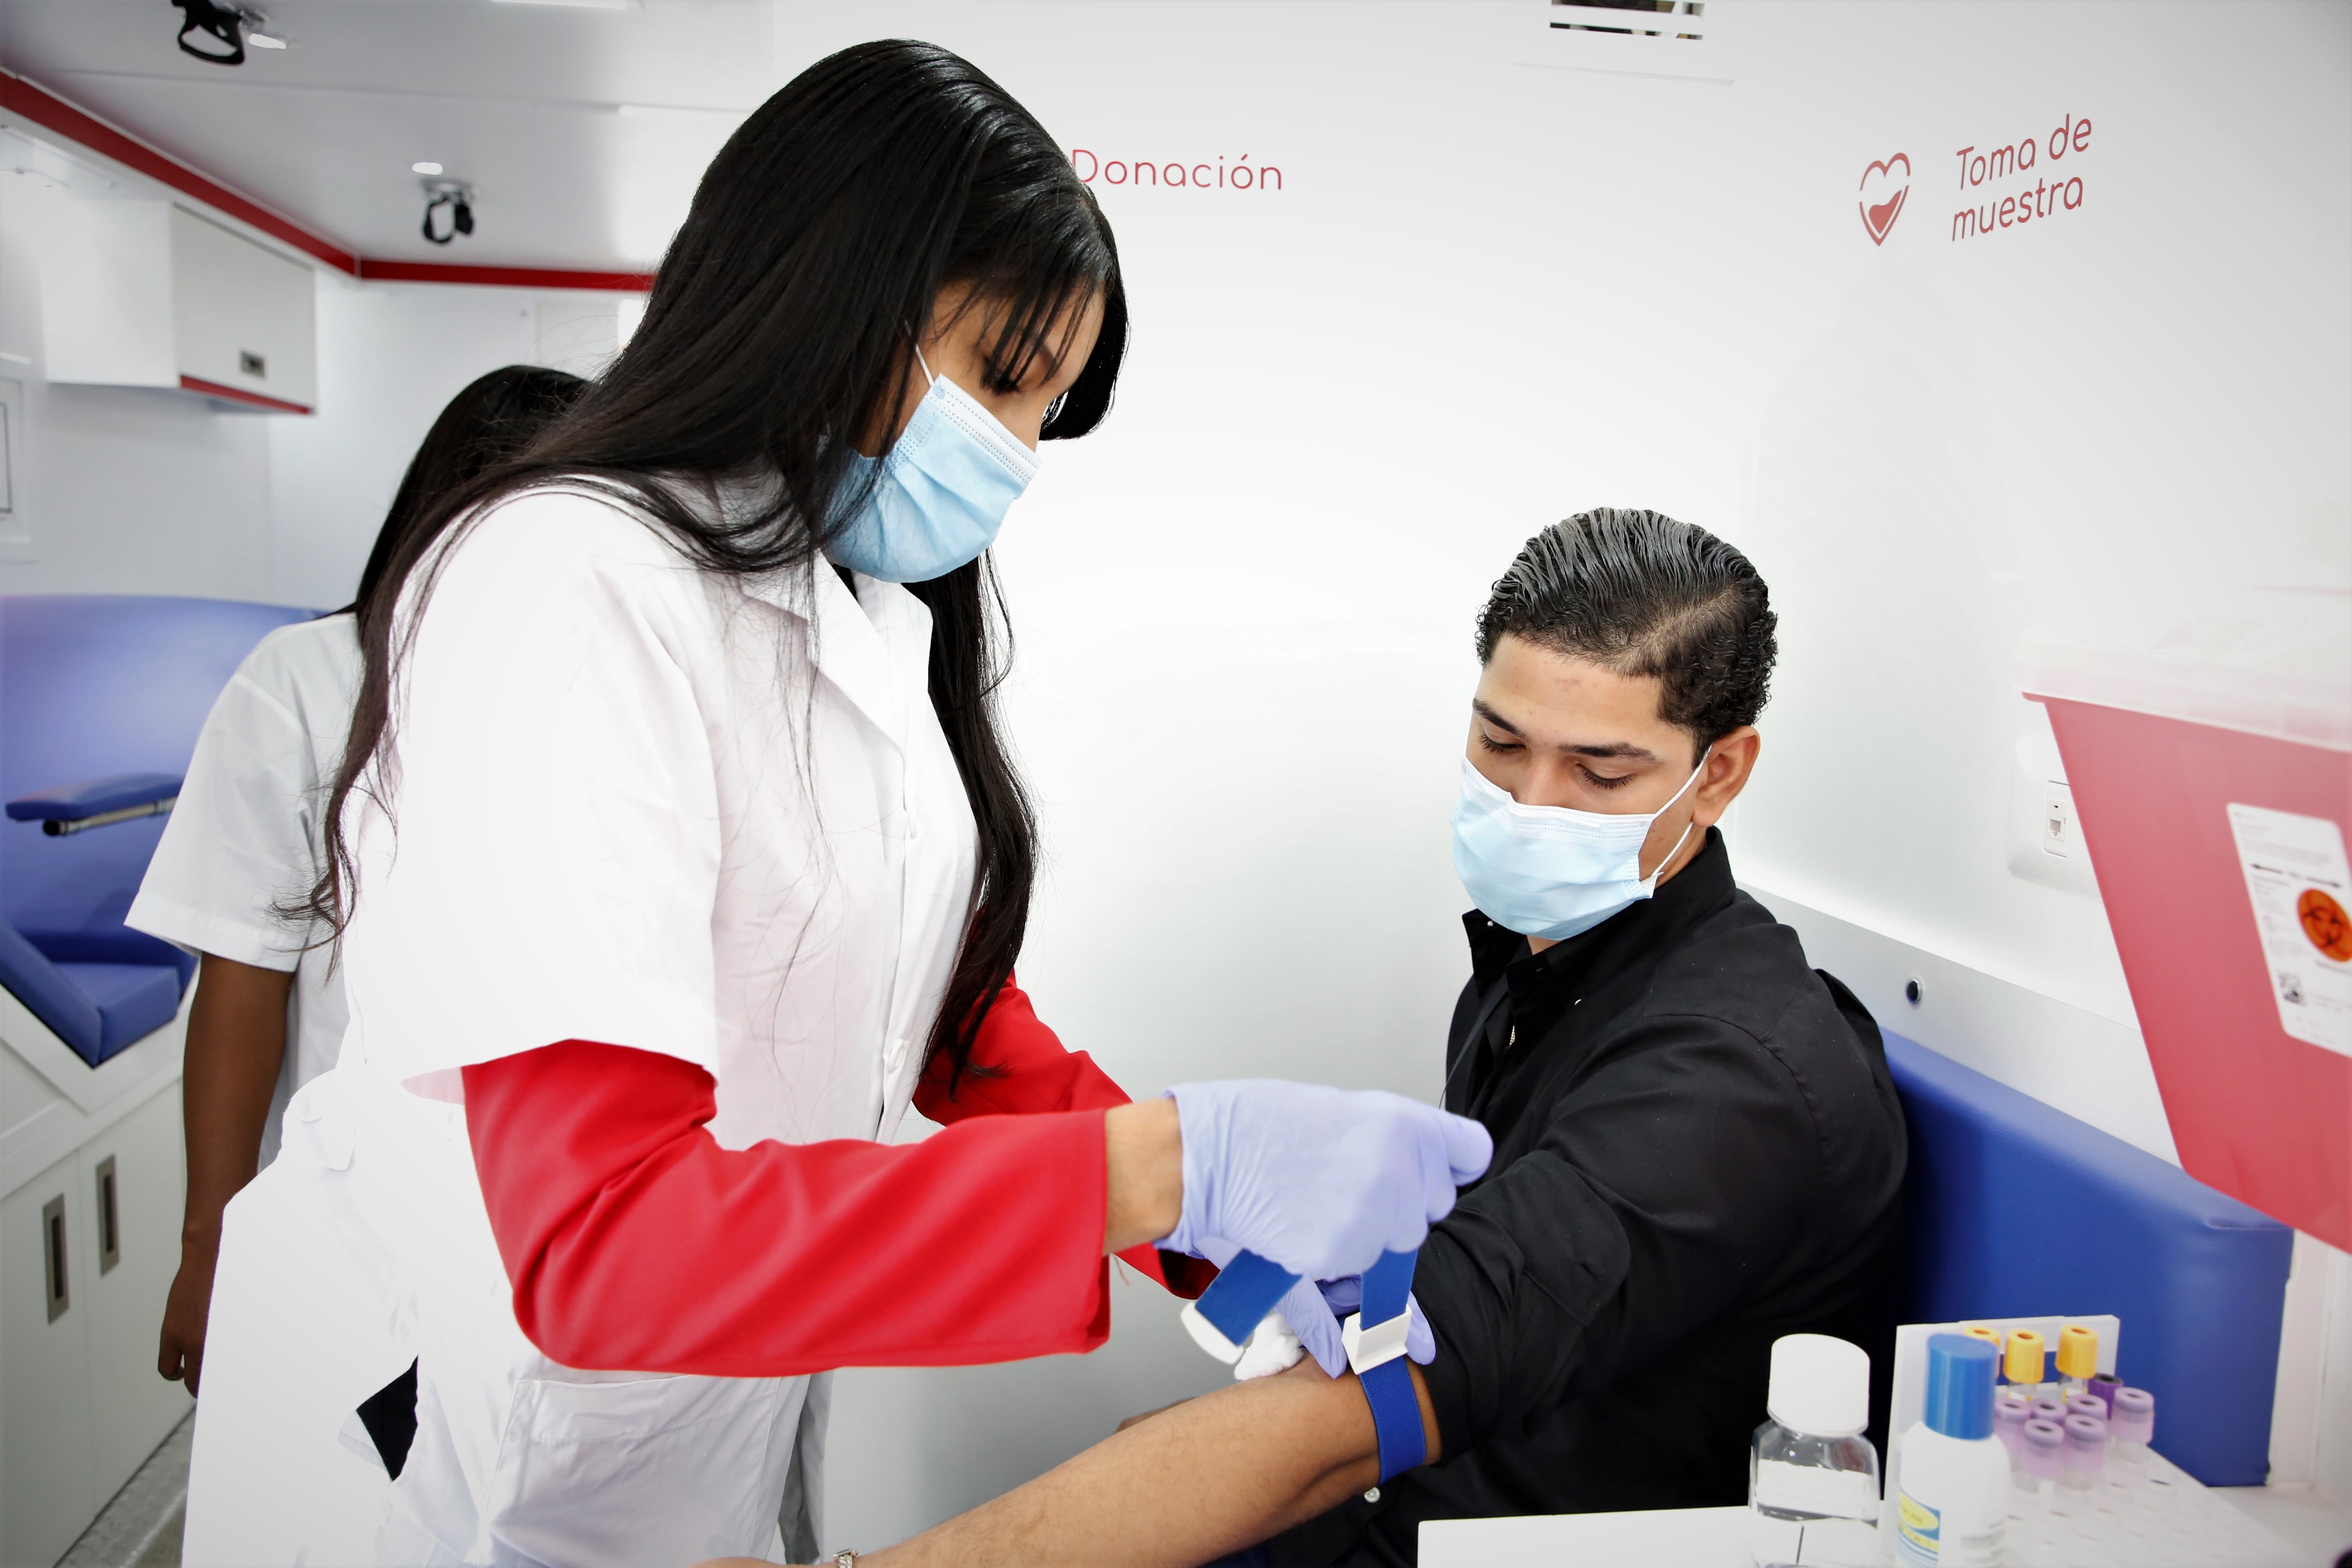 Vicepresidencia entrega a Salud Pública dos modernas unidades móviles para colecta de sangre